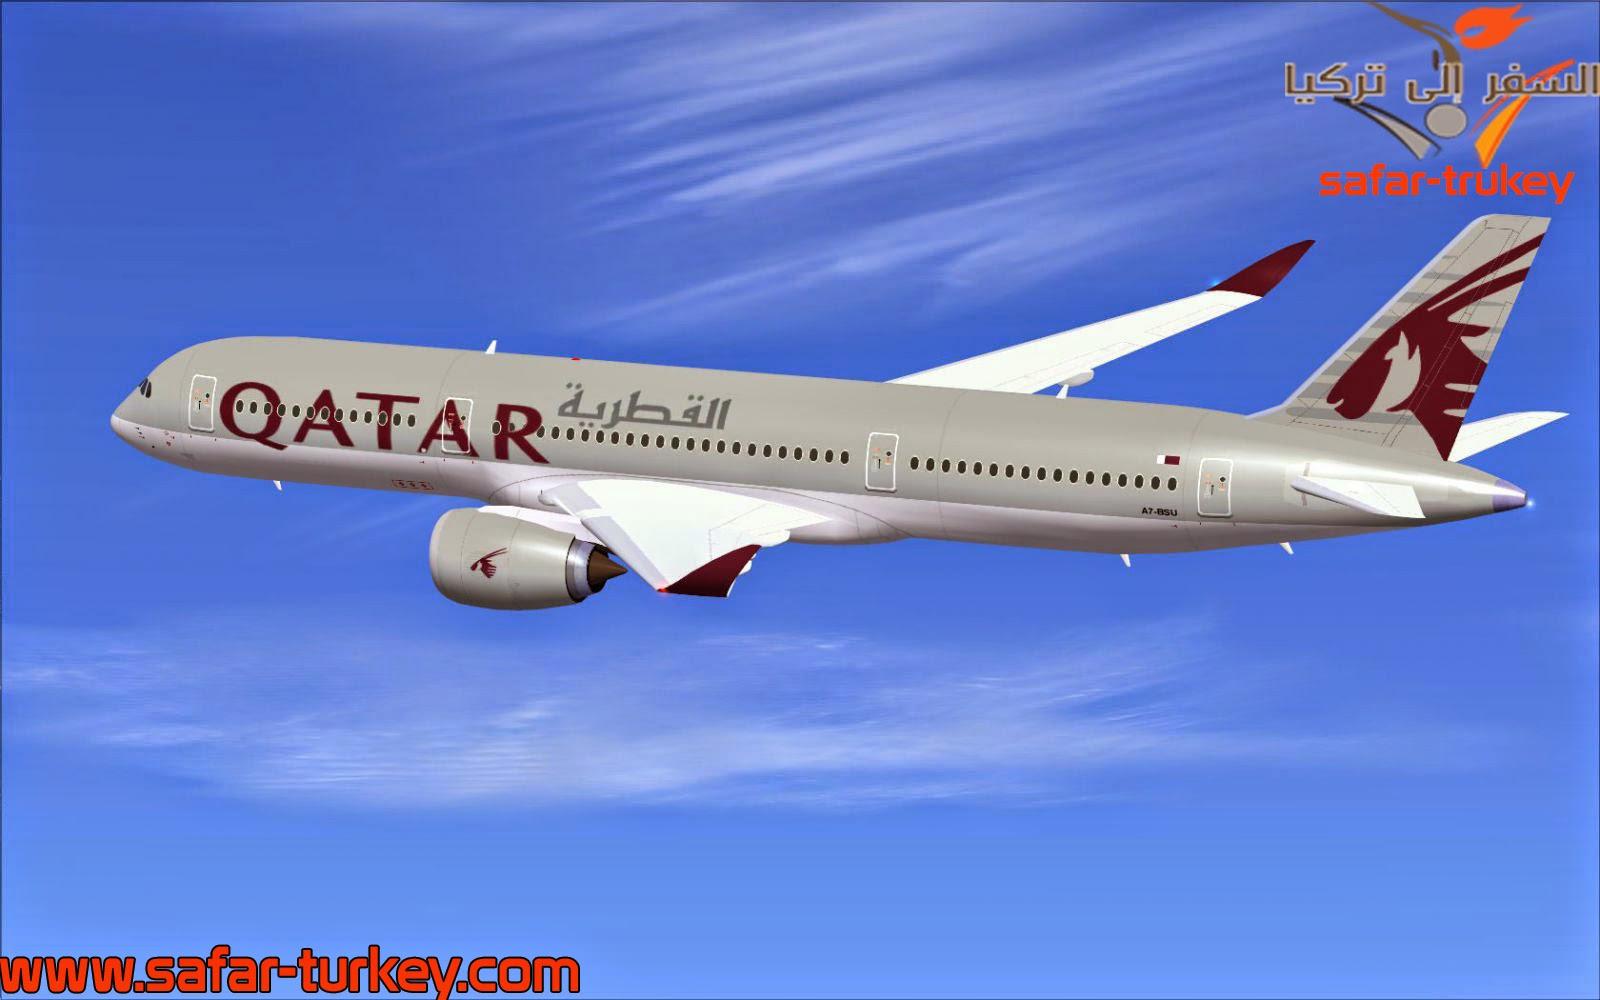 http://1.bp.blogspot.com/-Fvn37LgxL3M/U8k_UiClHmI/AAAAAAAAG24/EcLERDmx2-E/s1600/qatar-airbus-A350-800-XWB--v2-fsx1.jpg